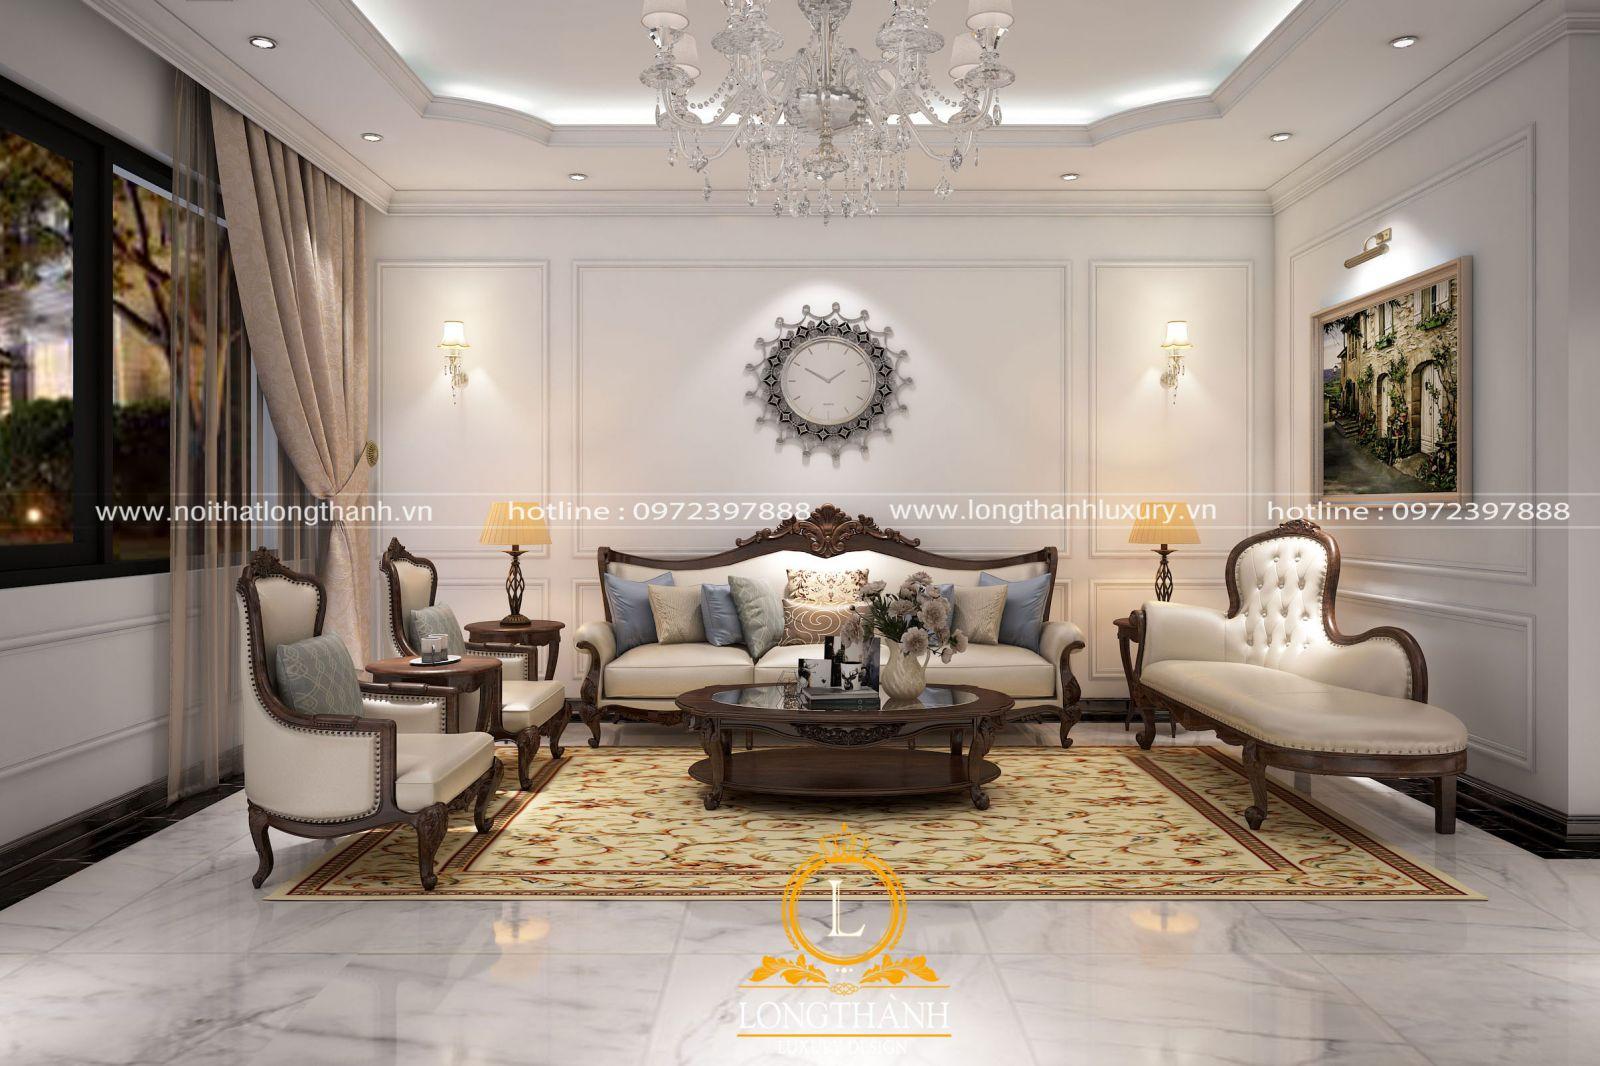 Đèn chùm tân cổ điển trong không gian phòng khách